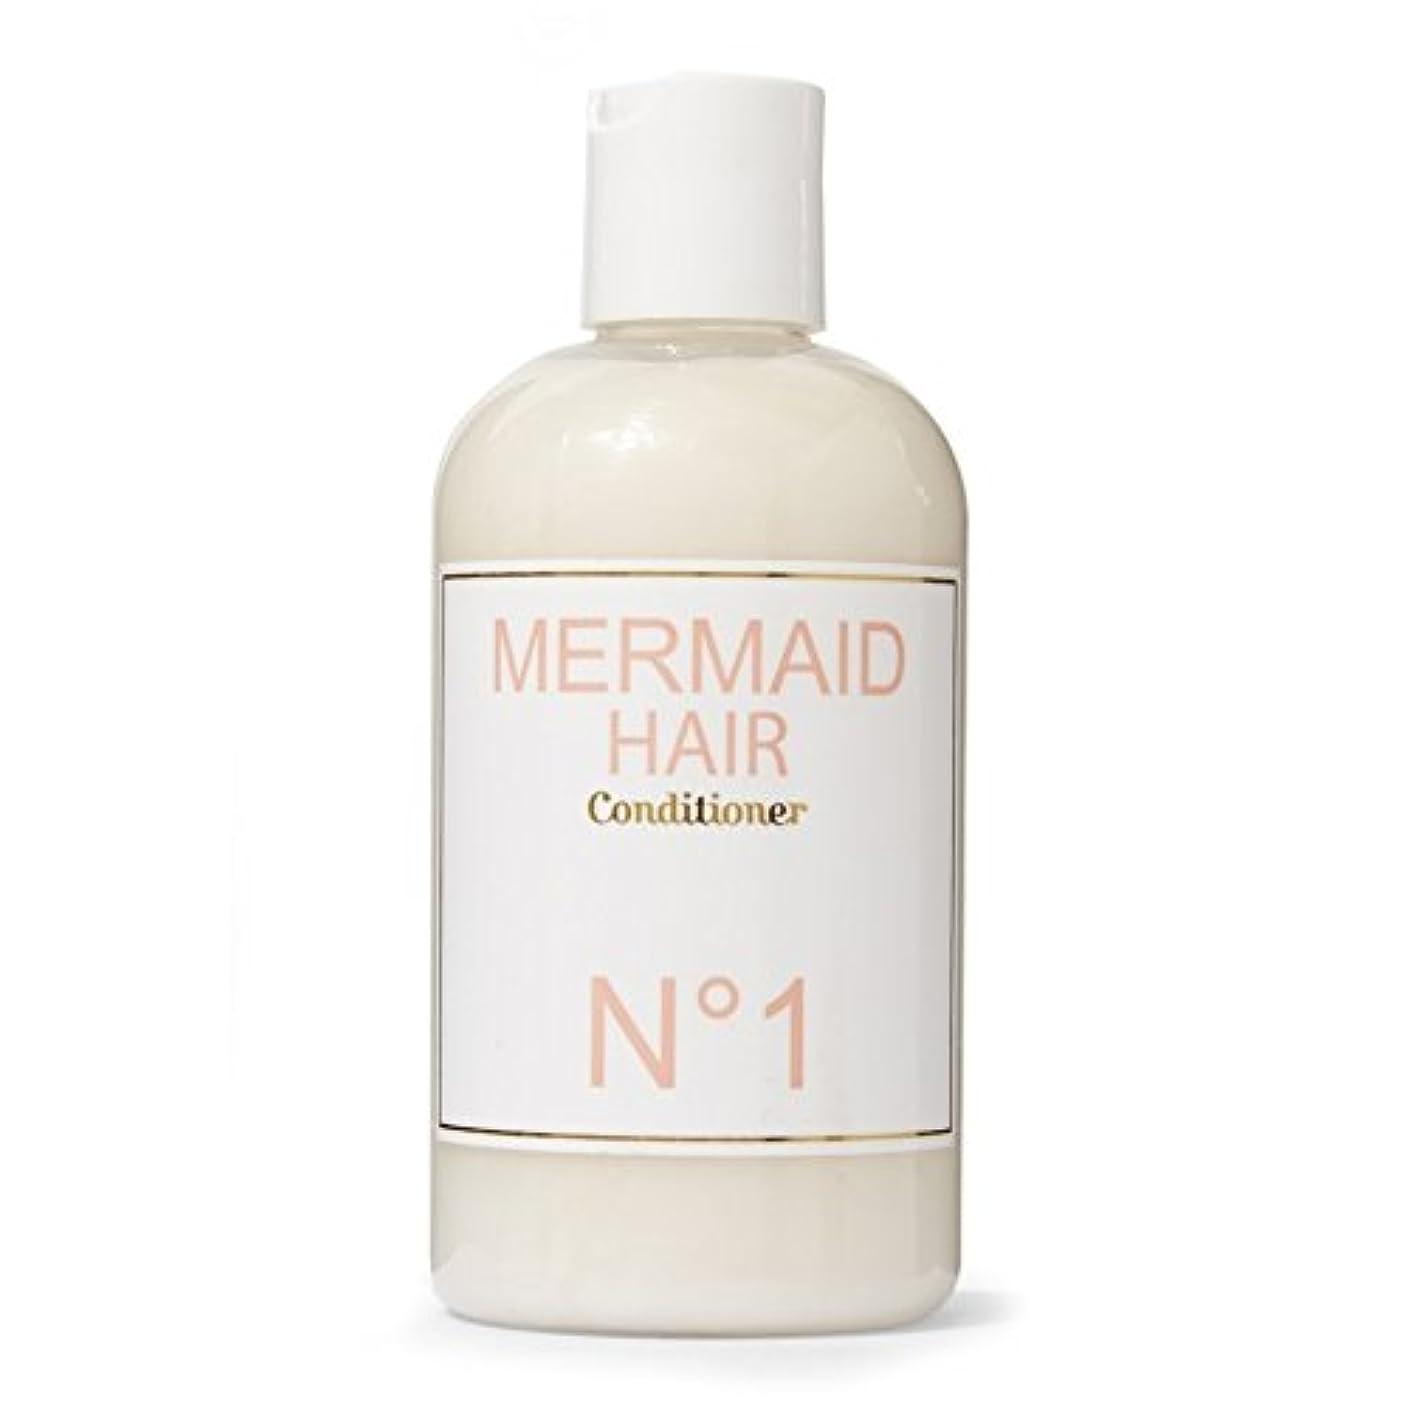 音節アナロジーここにMermaid Perfume Mermaid Conditioner 300ml - 人魚香水人魚コンディショナー300ミリリットル [並行輸入品]